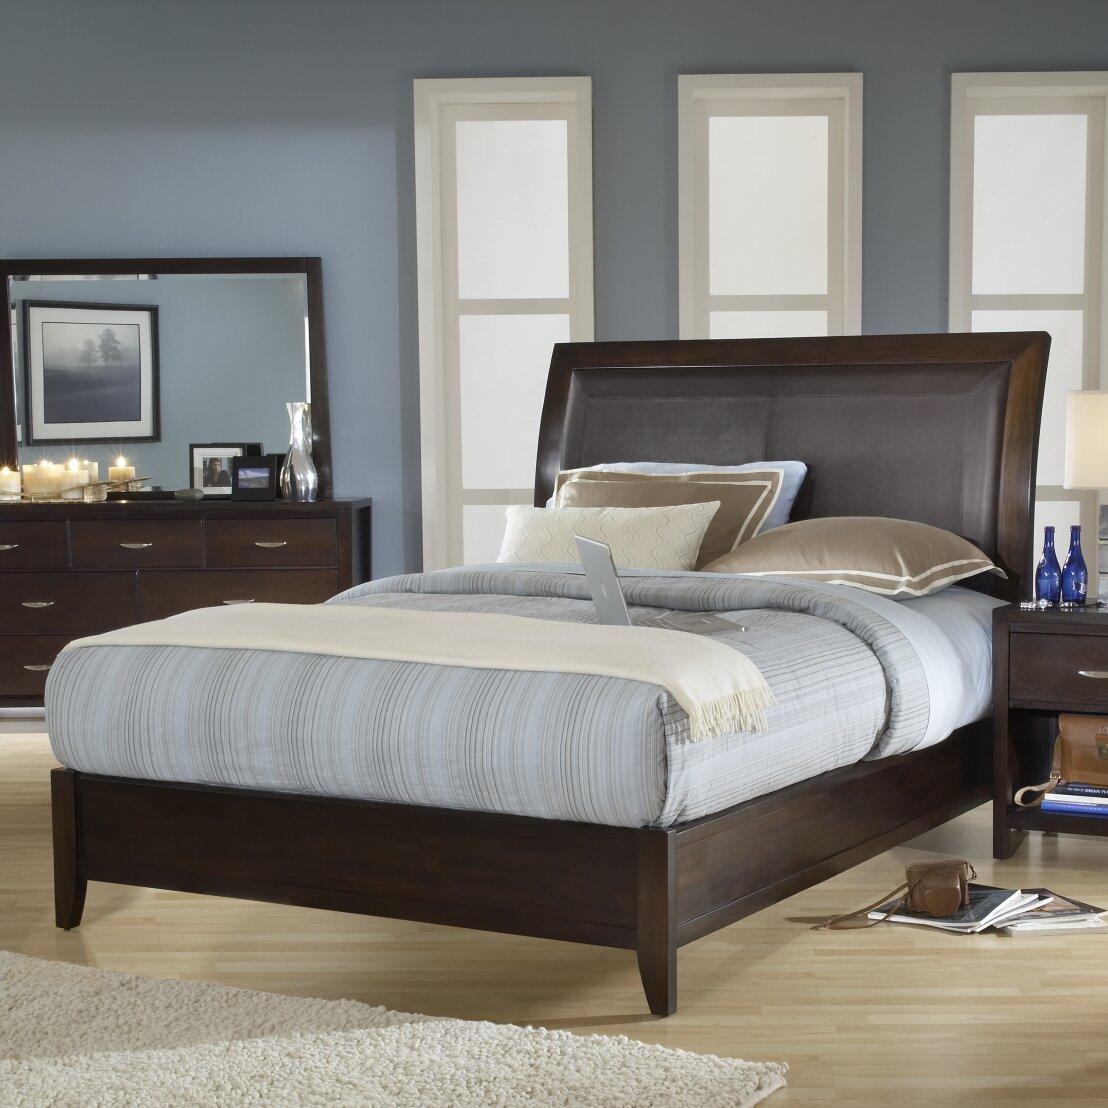 Lifestyle Furniture Hudson Bed Frame